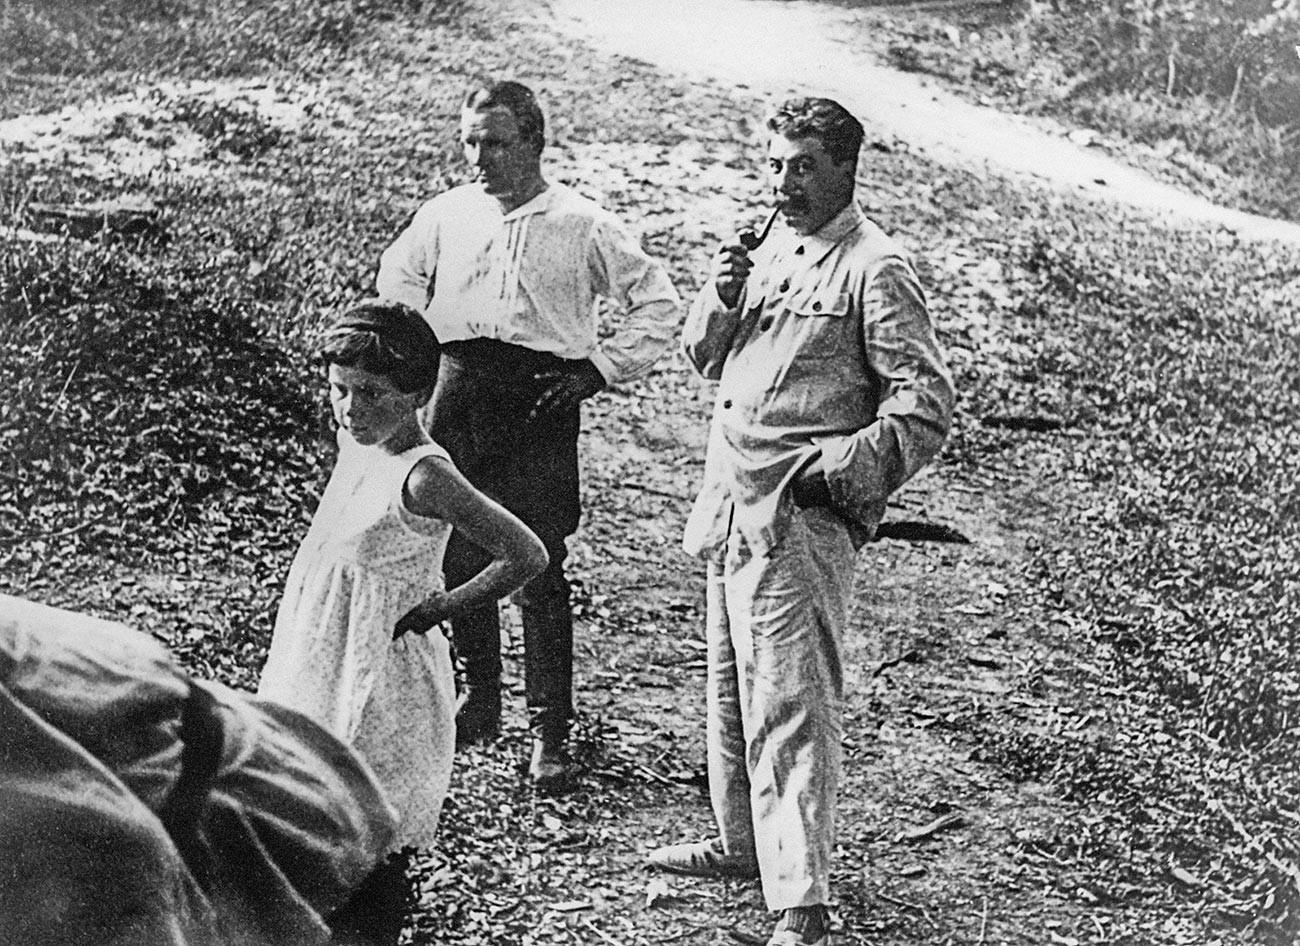 ヨシフ・スターリン、娘とセルゲイ・キーロフが黒海沿岸にて、1934年